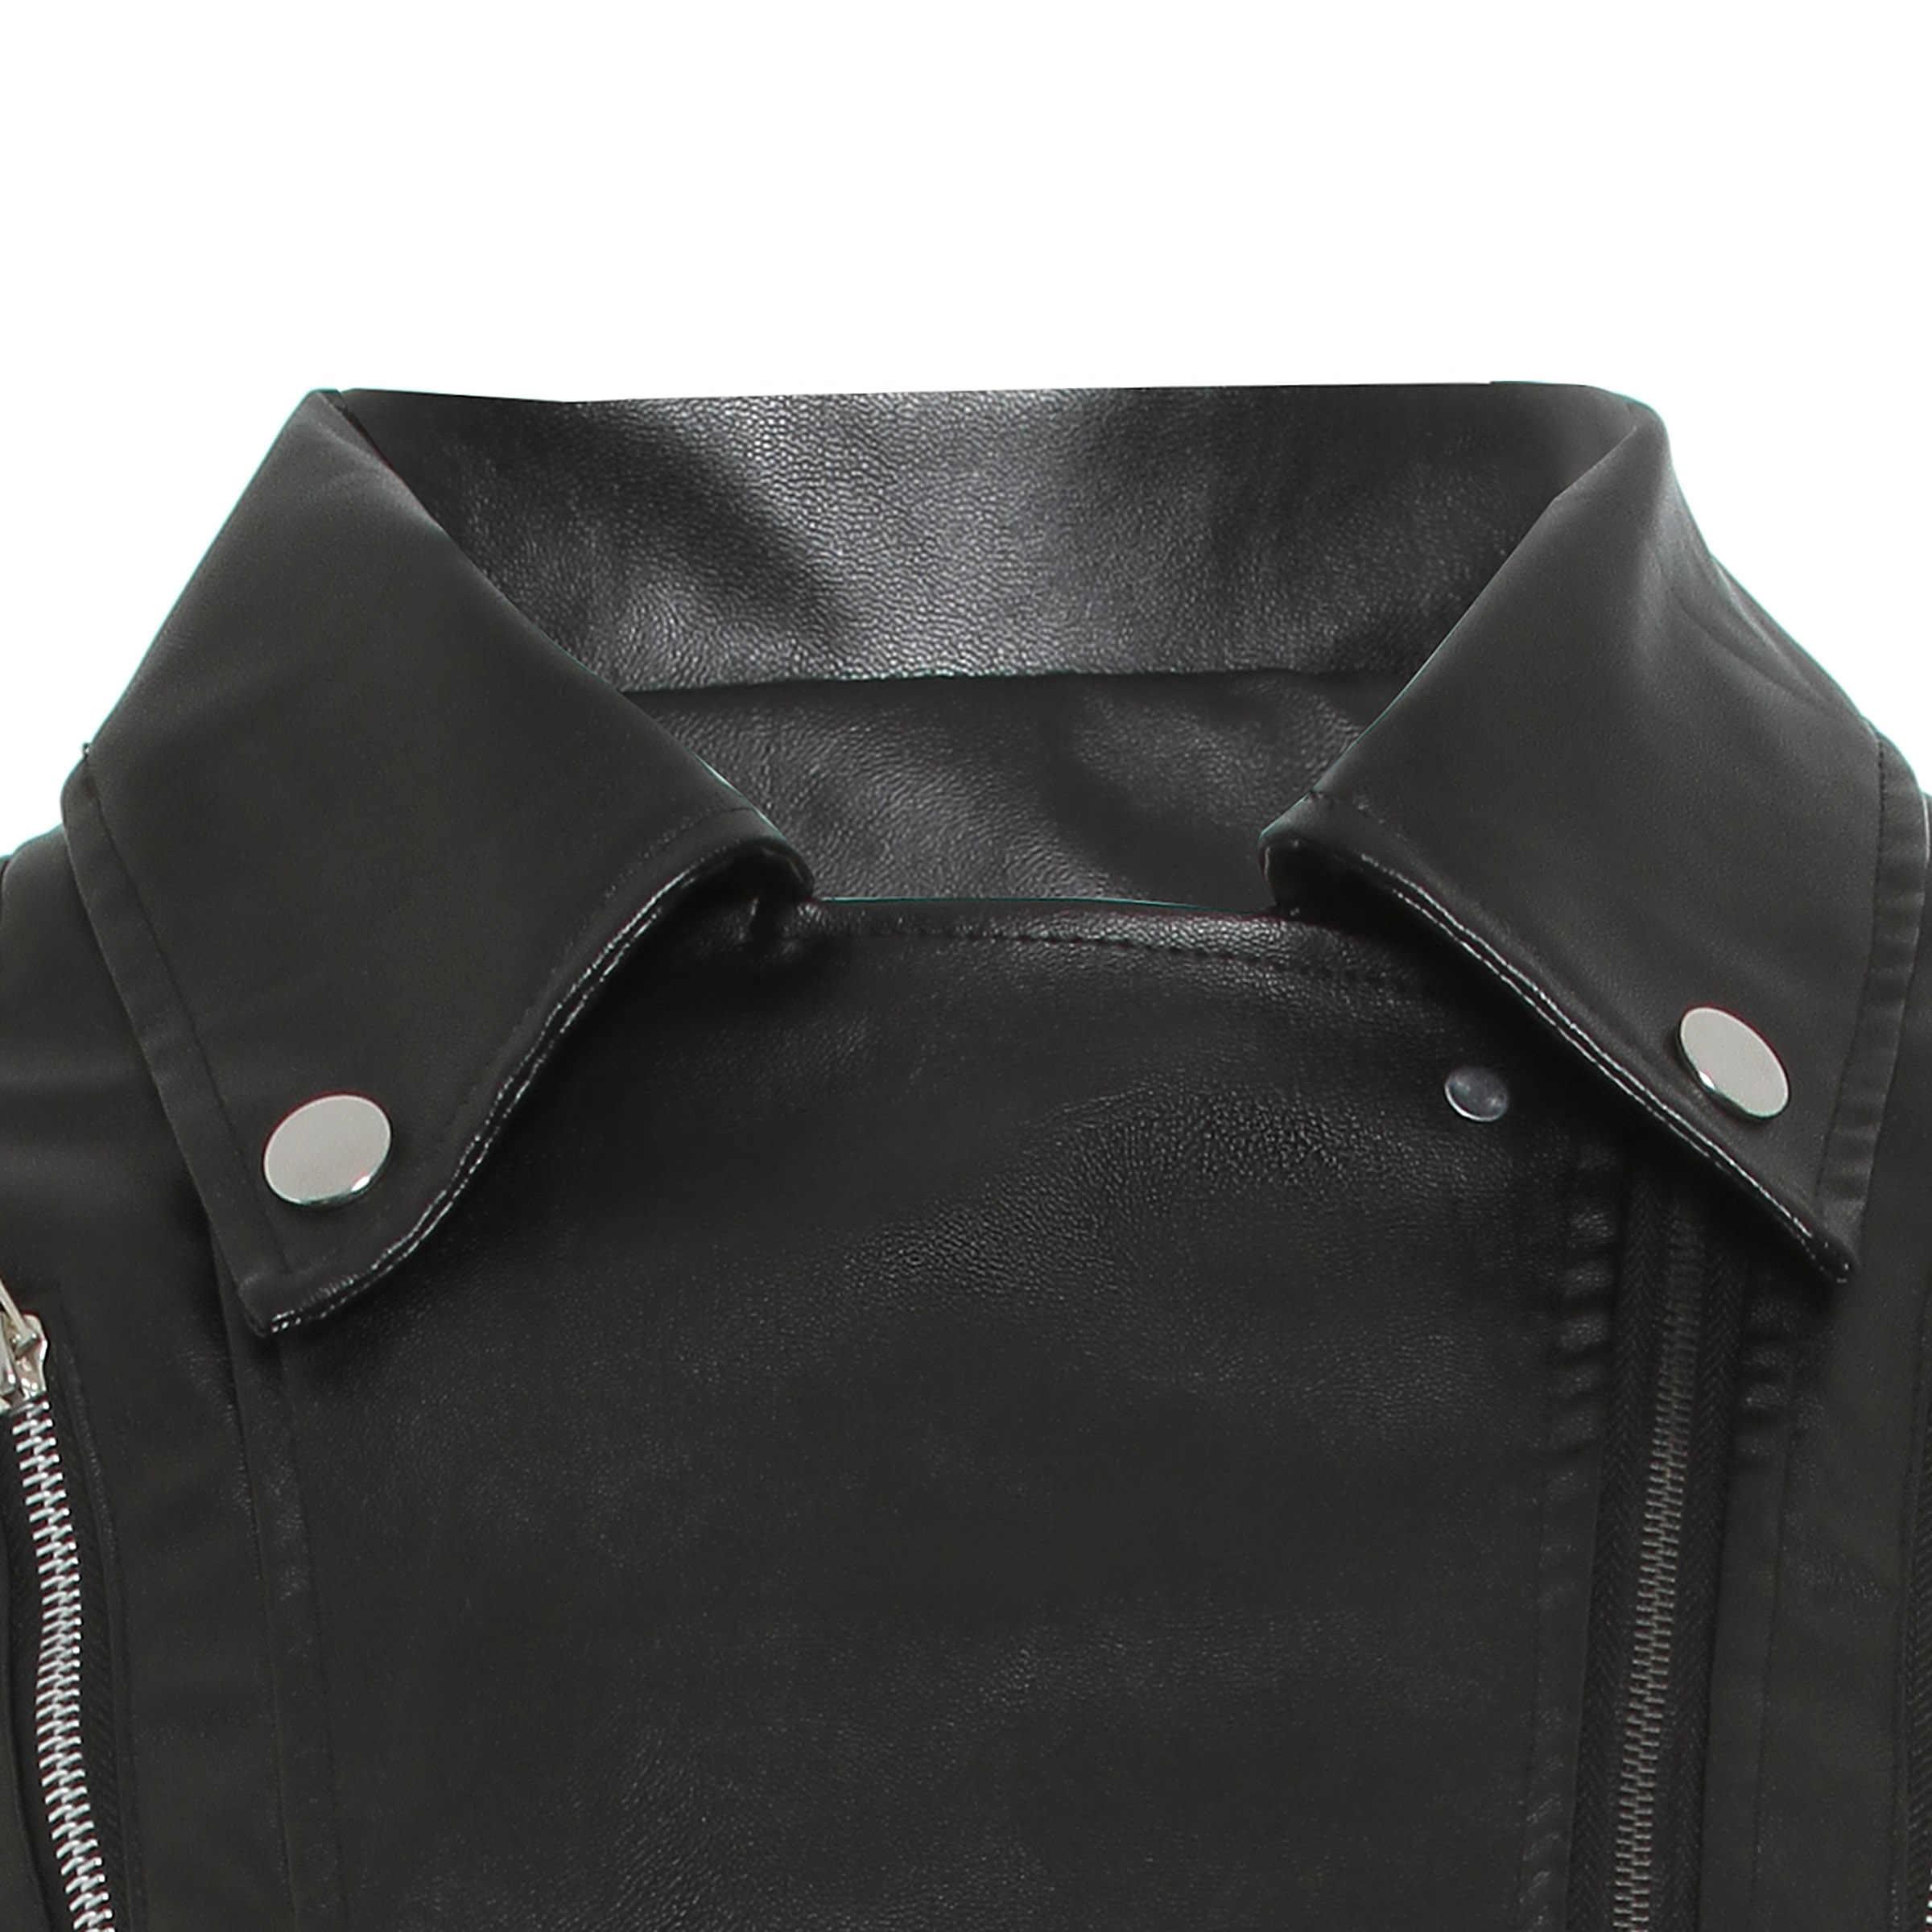 Schwarz PU Leder Motorrad Jacke Frauen Herbst Top Mode Heißer Verkauf Oberbekleidung Zipper Kühlen Slim Fitness Weibliche Goth Casual Mantel